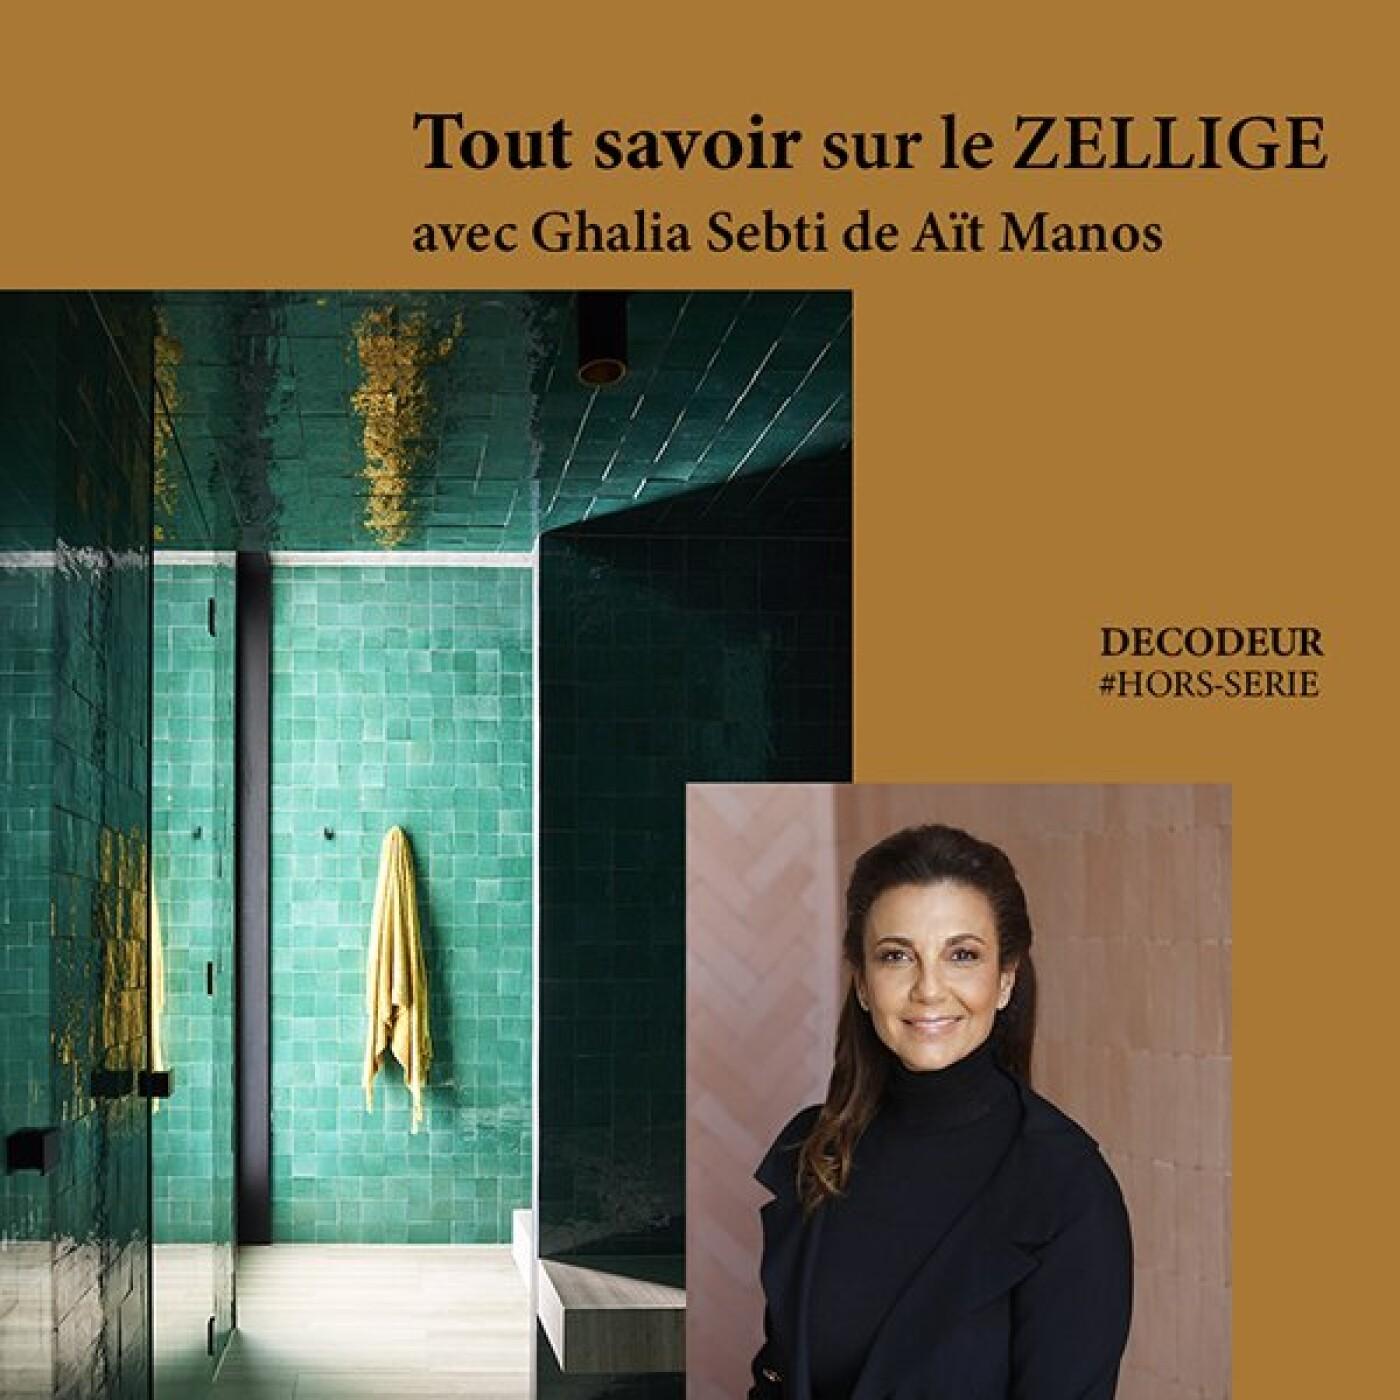 HORS SERIE / Tout savoir sur les zelliges, avec Ghalia Sebti de Aït Manos